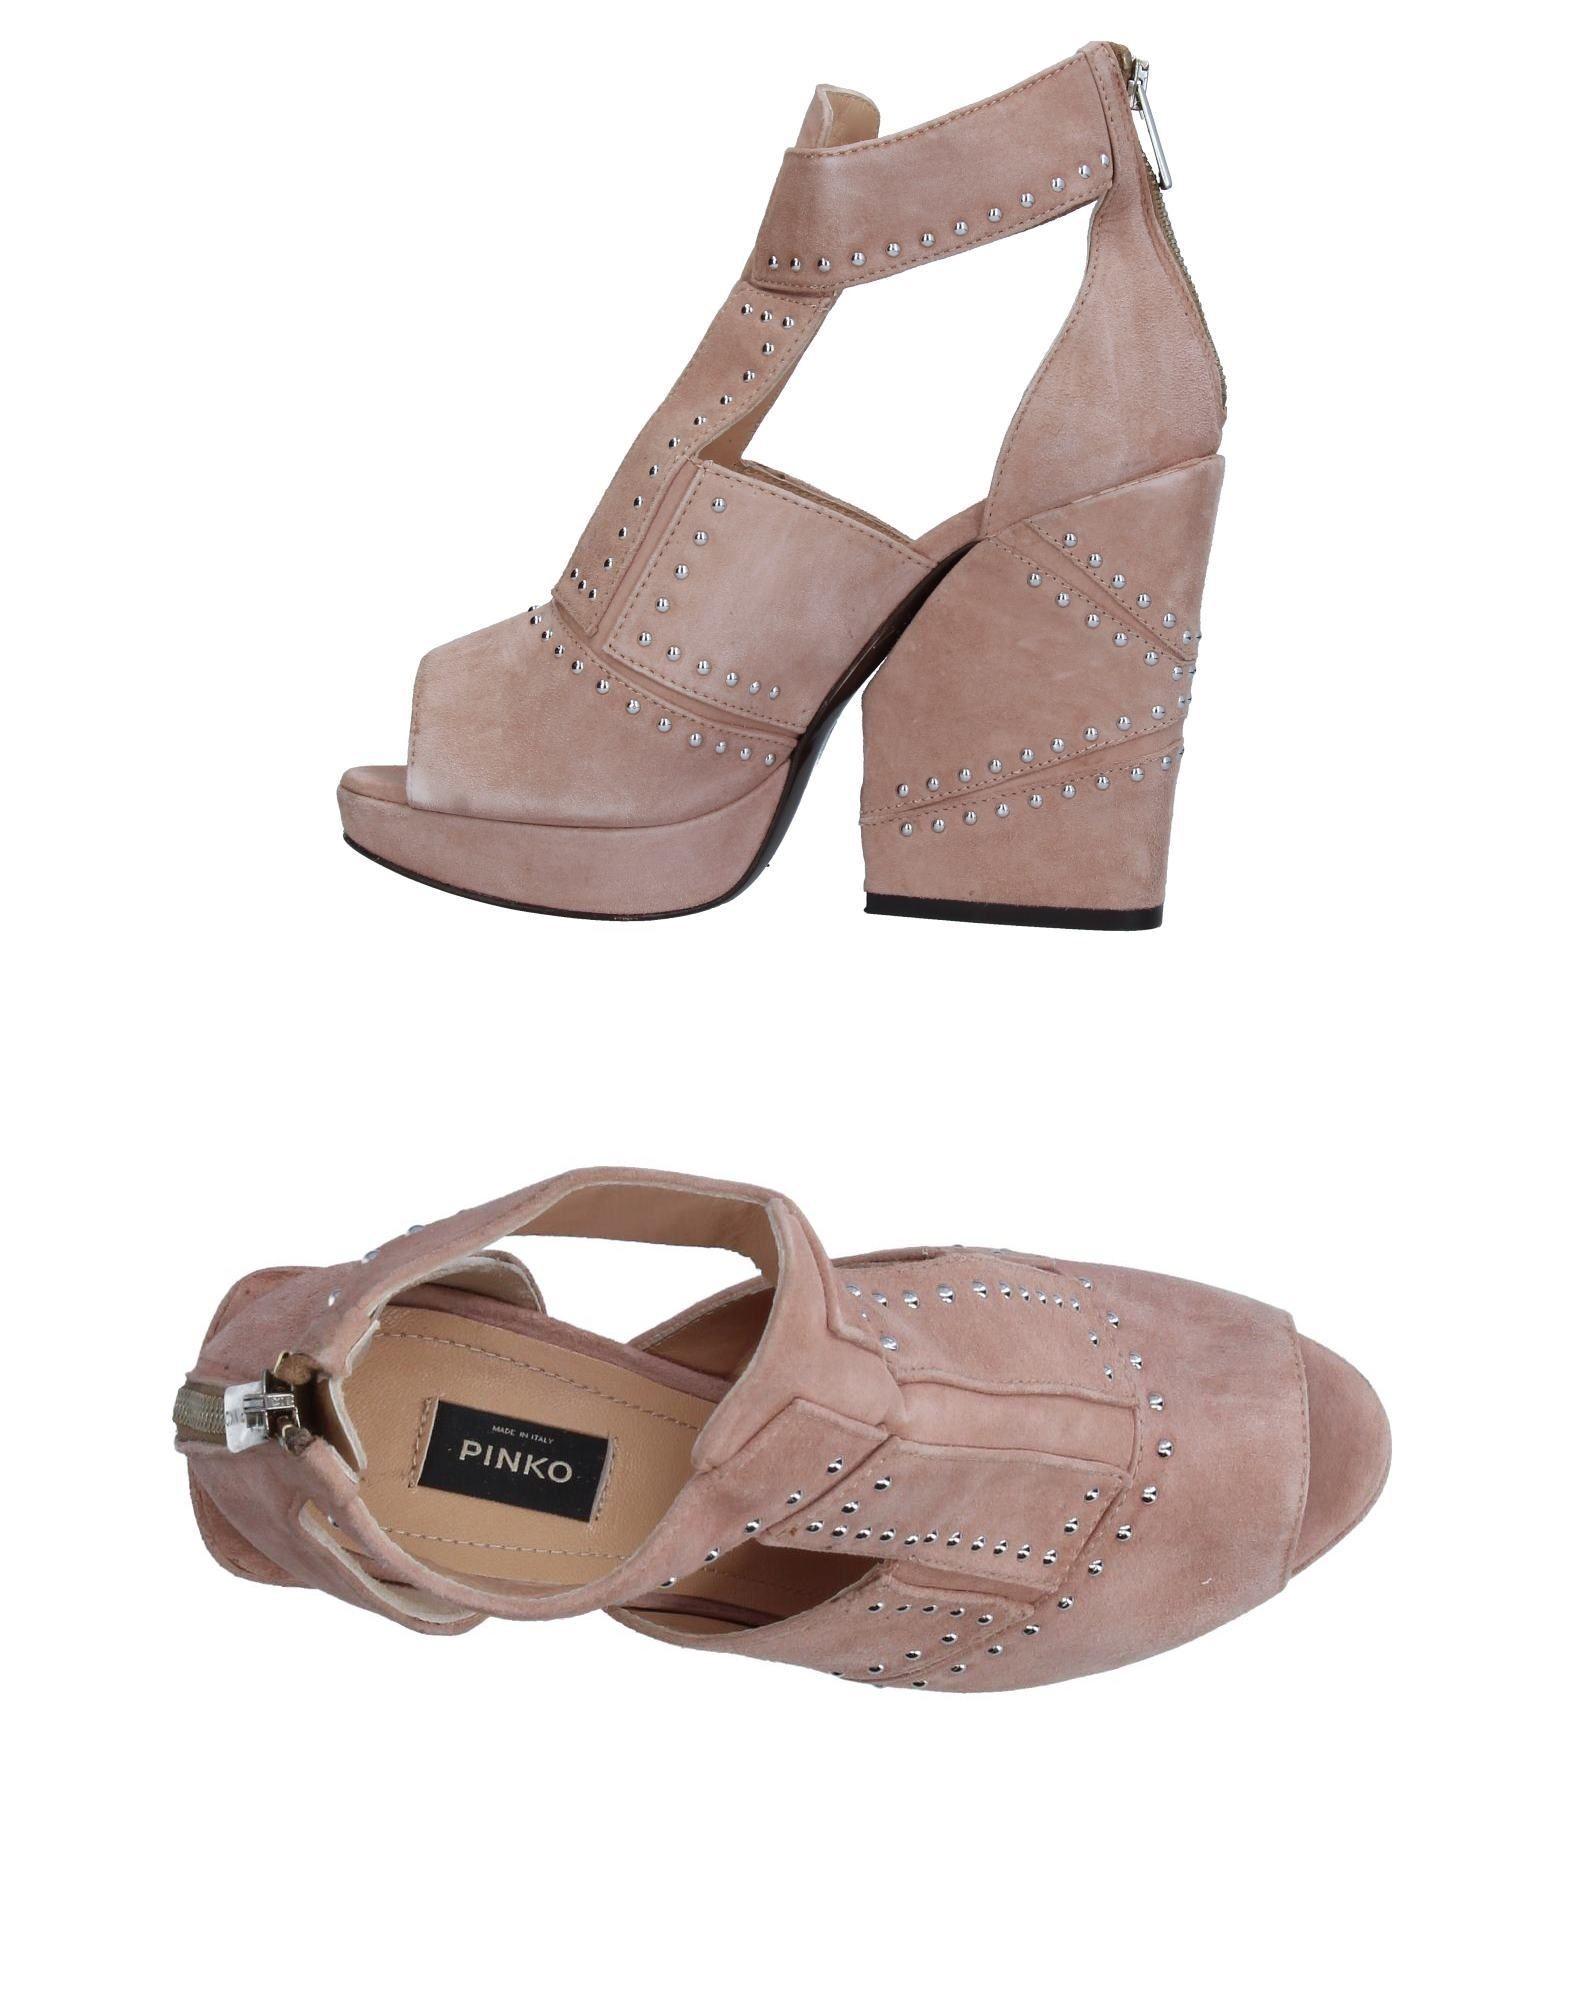 Moda 11362654QN Sandali Pinko Donna - 11362654QN Moda 8be16e